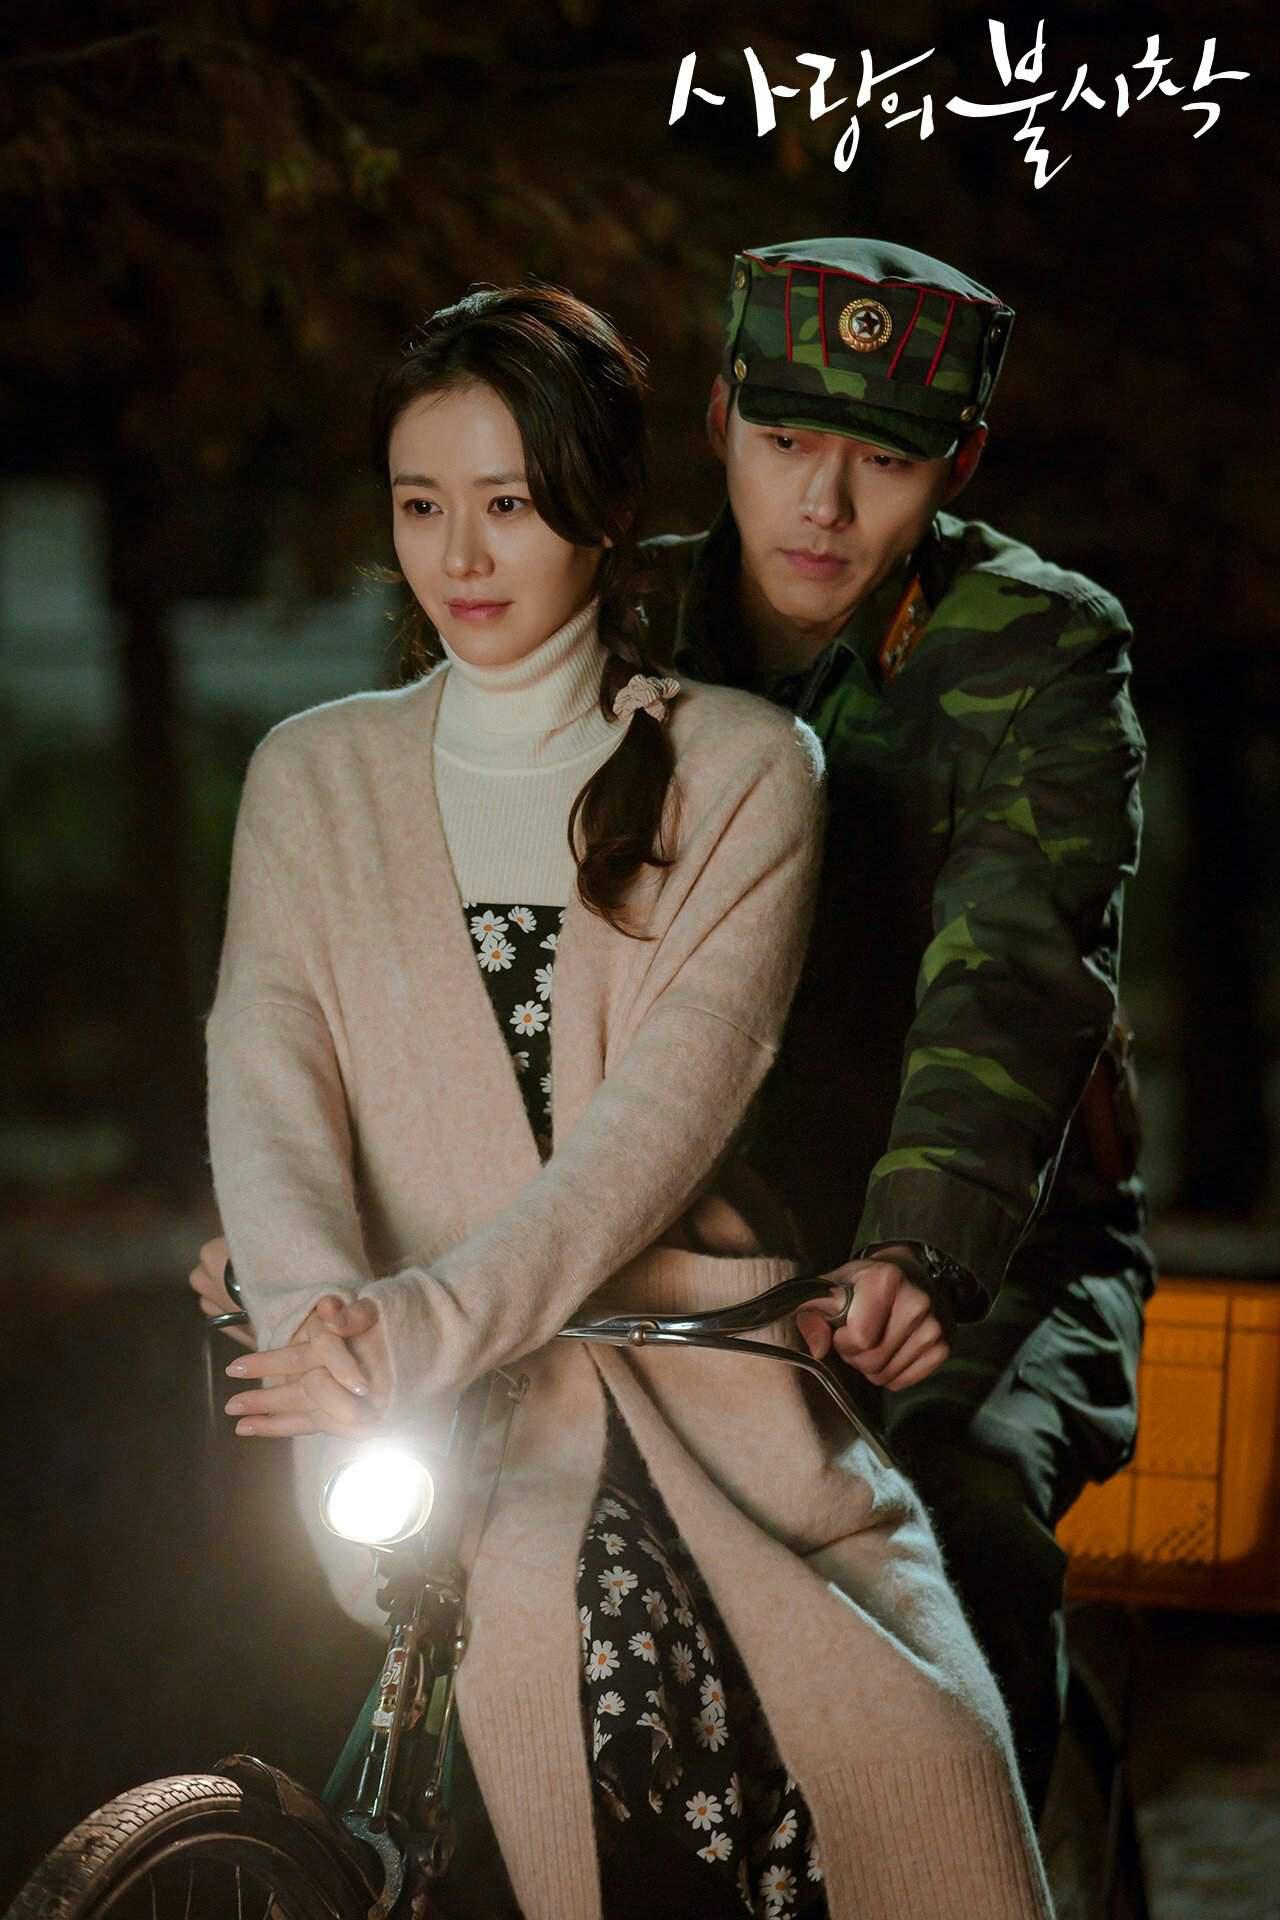 5 kiểu áo khoác chưa bao giờ hết mốt trong phim Hàn, sắm đủ thì bạn sẽ mặc đẹp và sang hơn hẳn mùa lạnh năm ngoái 14